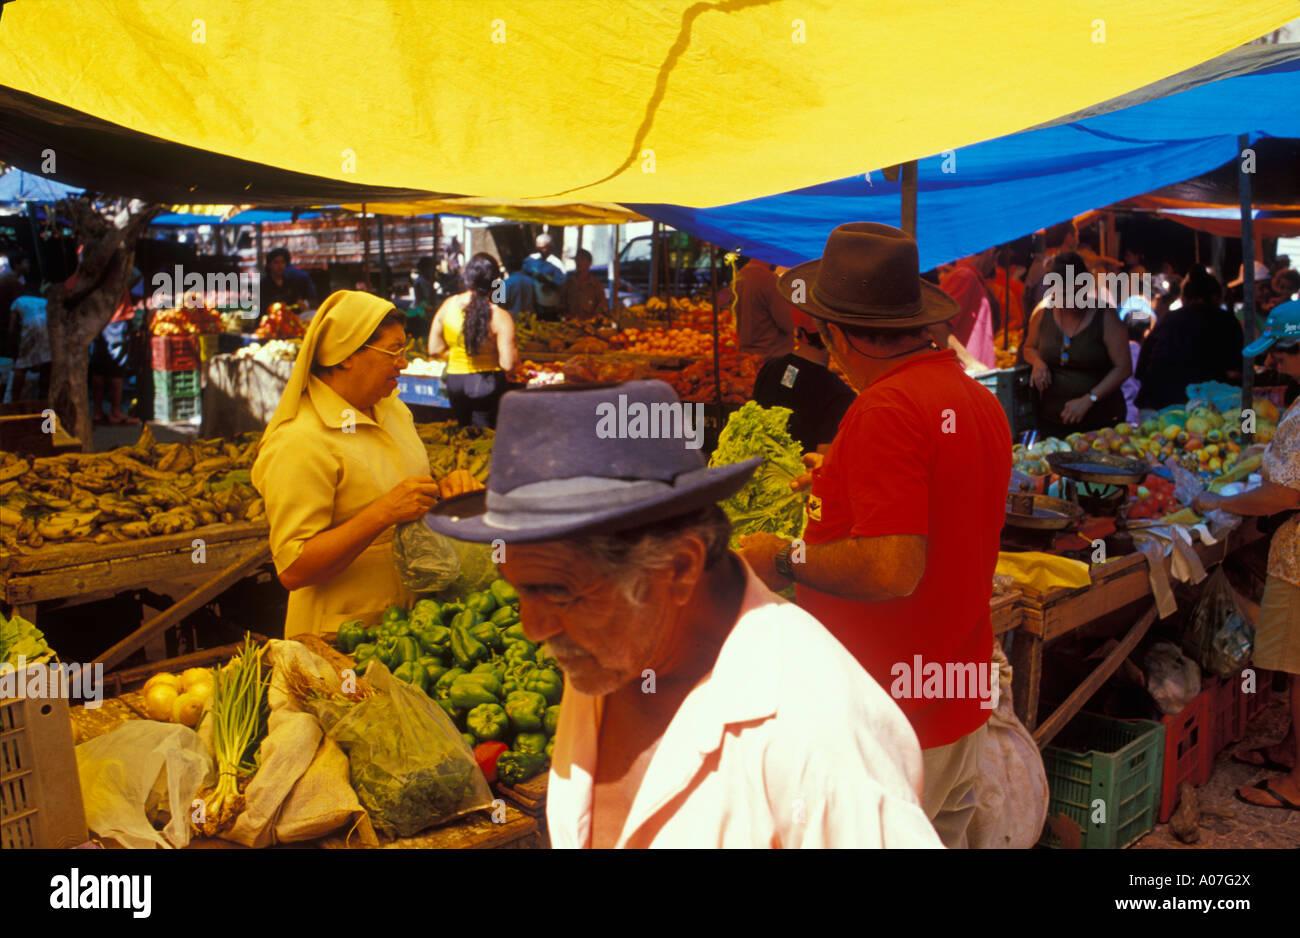 La rue du marché, de la nourriture à vendre ( légumes, fruits ) - commerce populaire pour les clients à faible revenu que l'on trouve couramment dans les petites villes du nord-est du Brésil. Photo Stock